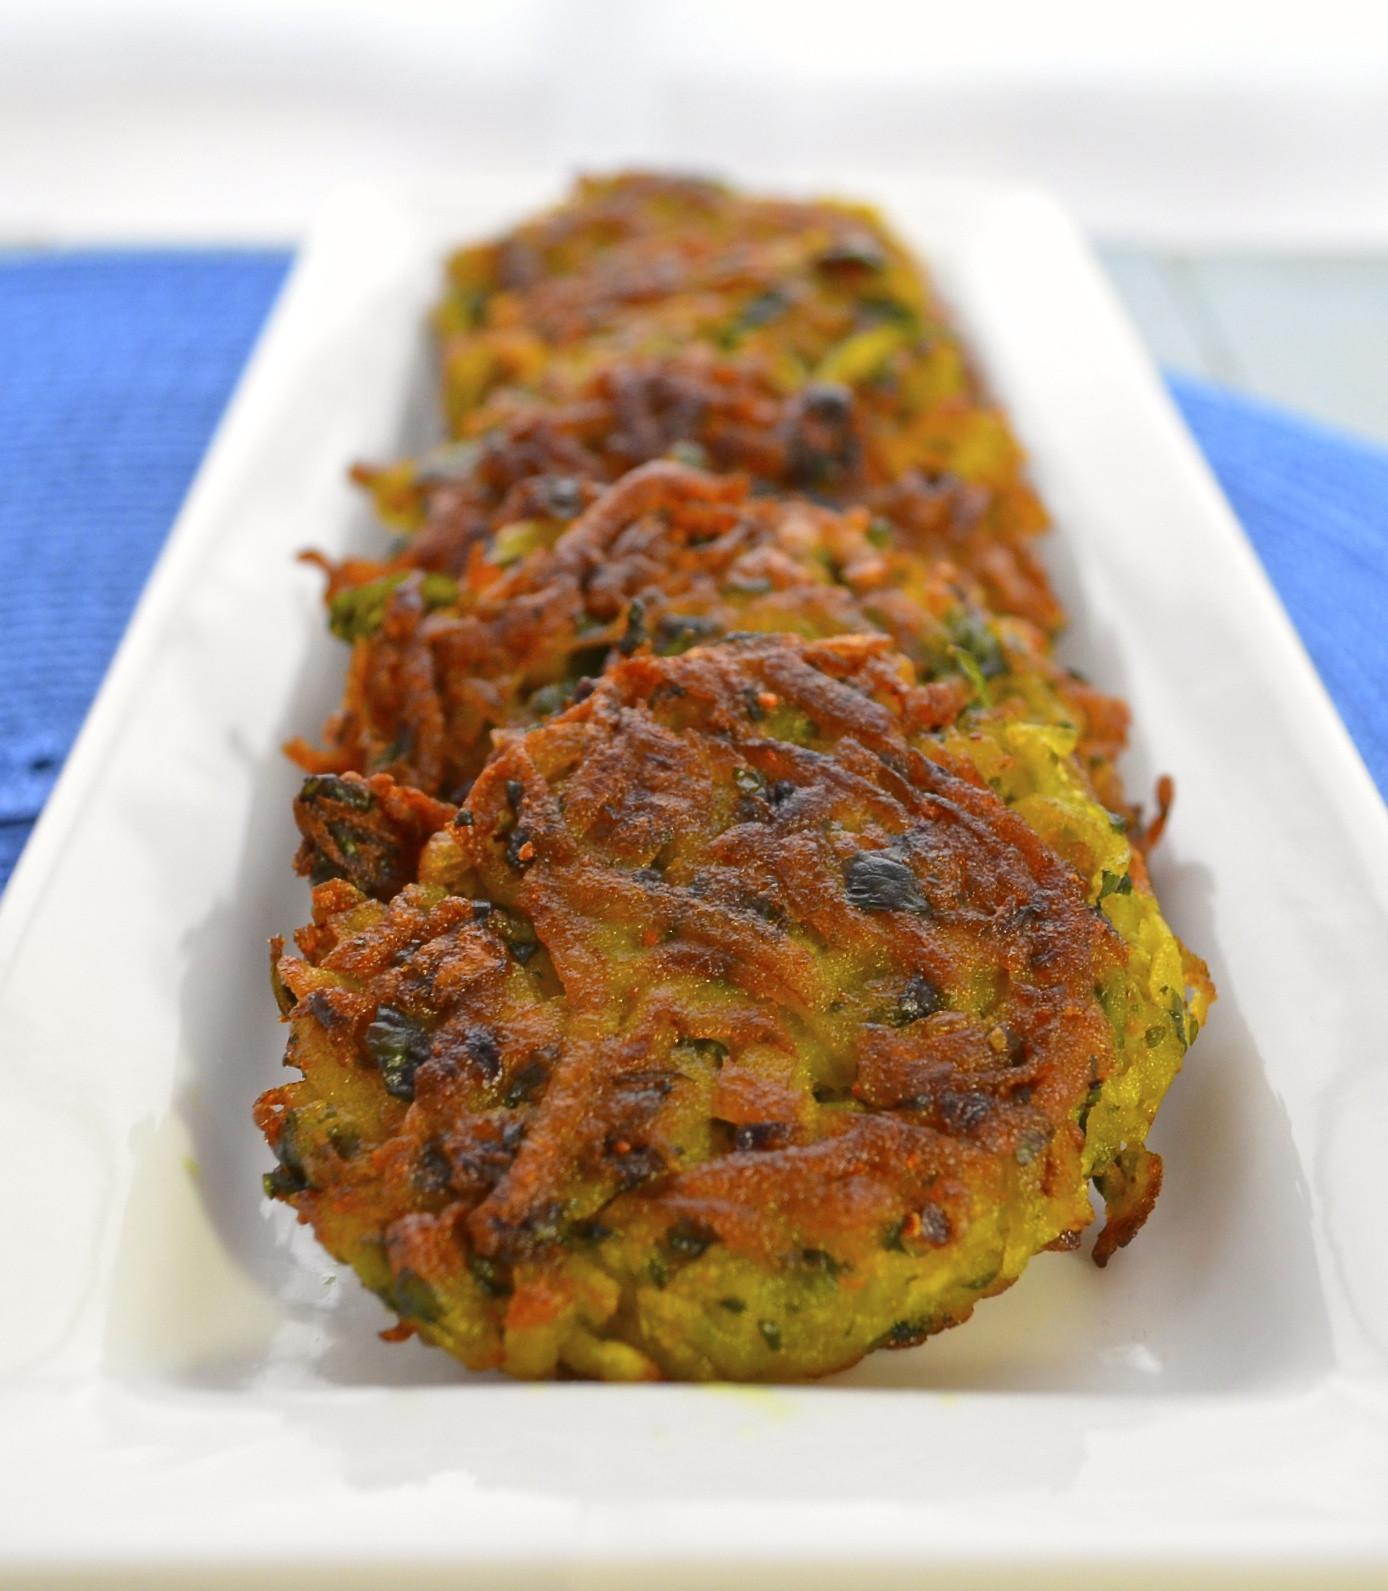 Hanukkah Potato Latkes  Vegan Potato Latkes May I Have That Recipe